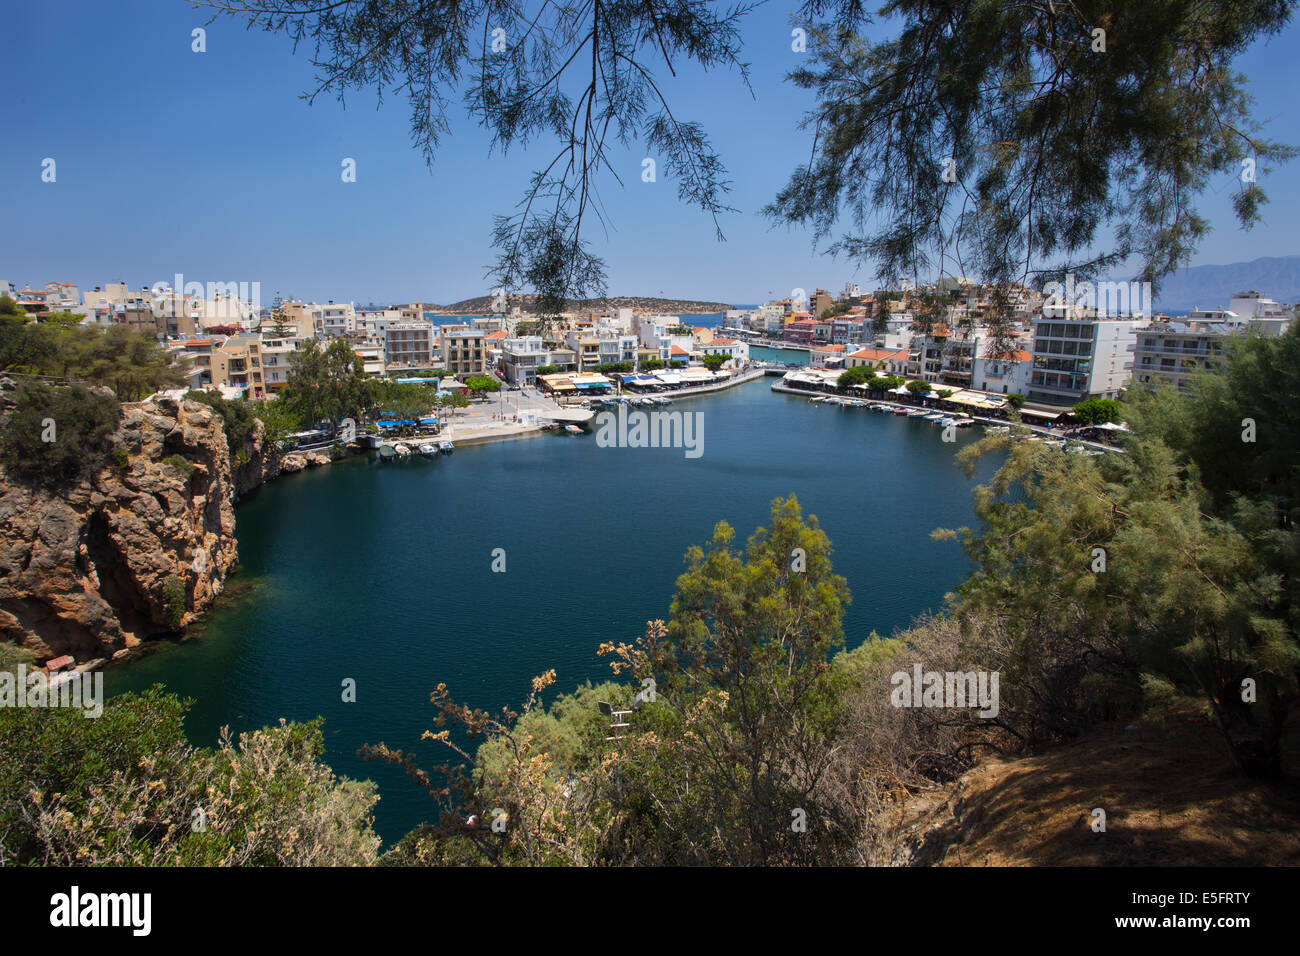 Voulismeni Lake, Agios Nikolaos, Crete - Stock Image